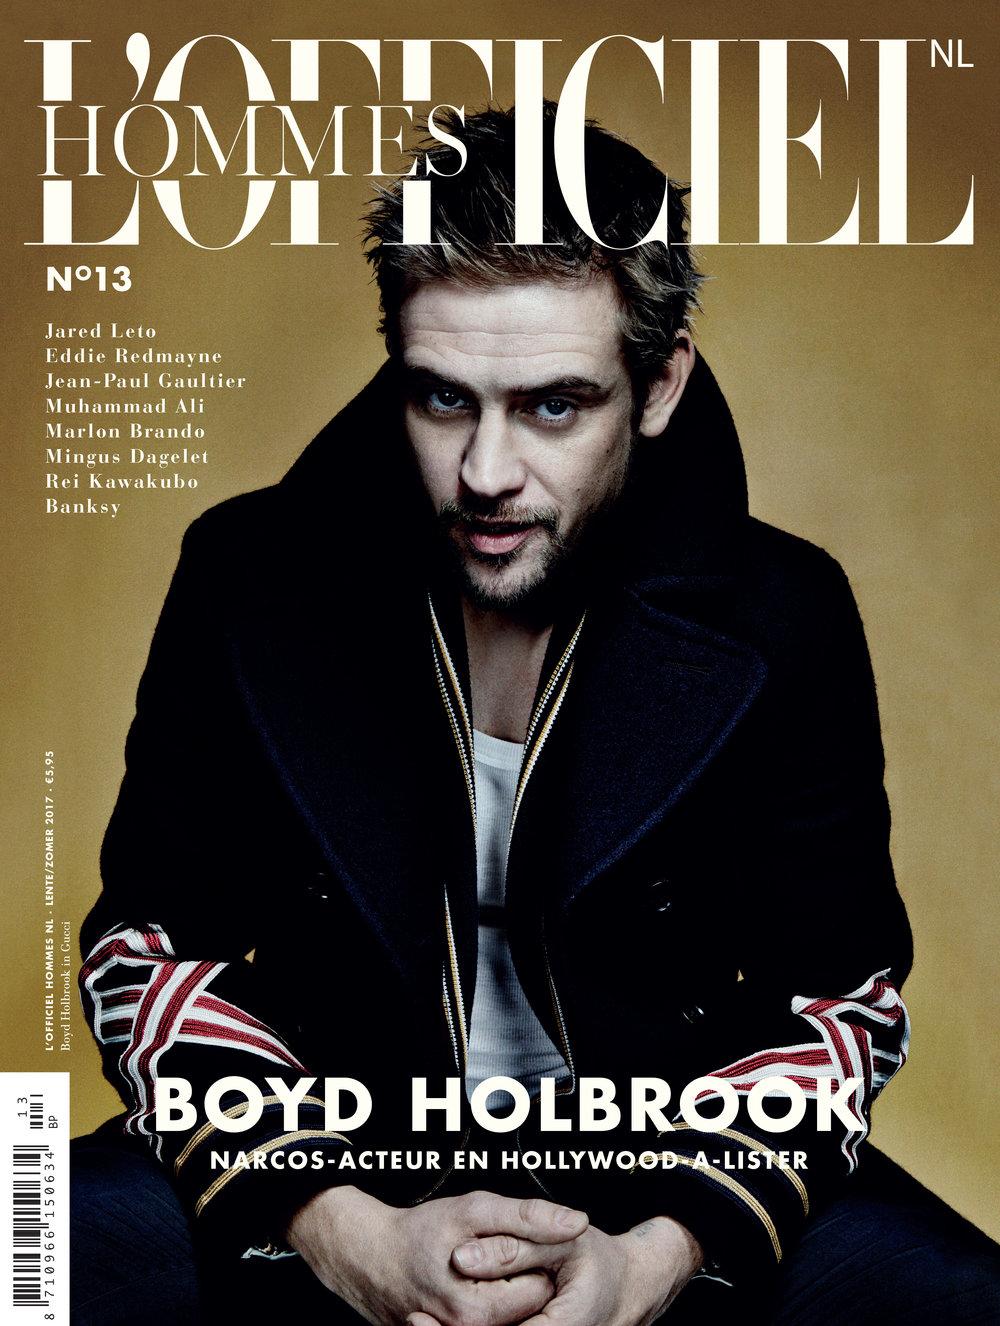 BOYD HOLBROOK // L'officiel Hommes // Damon Baker